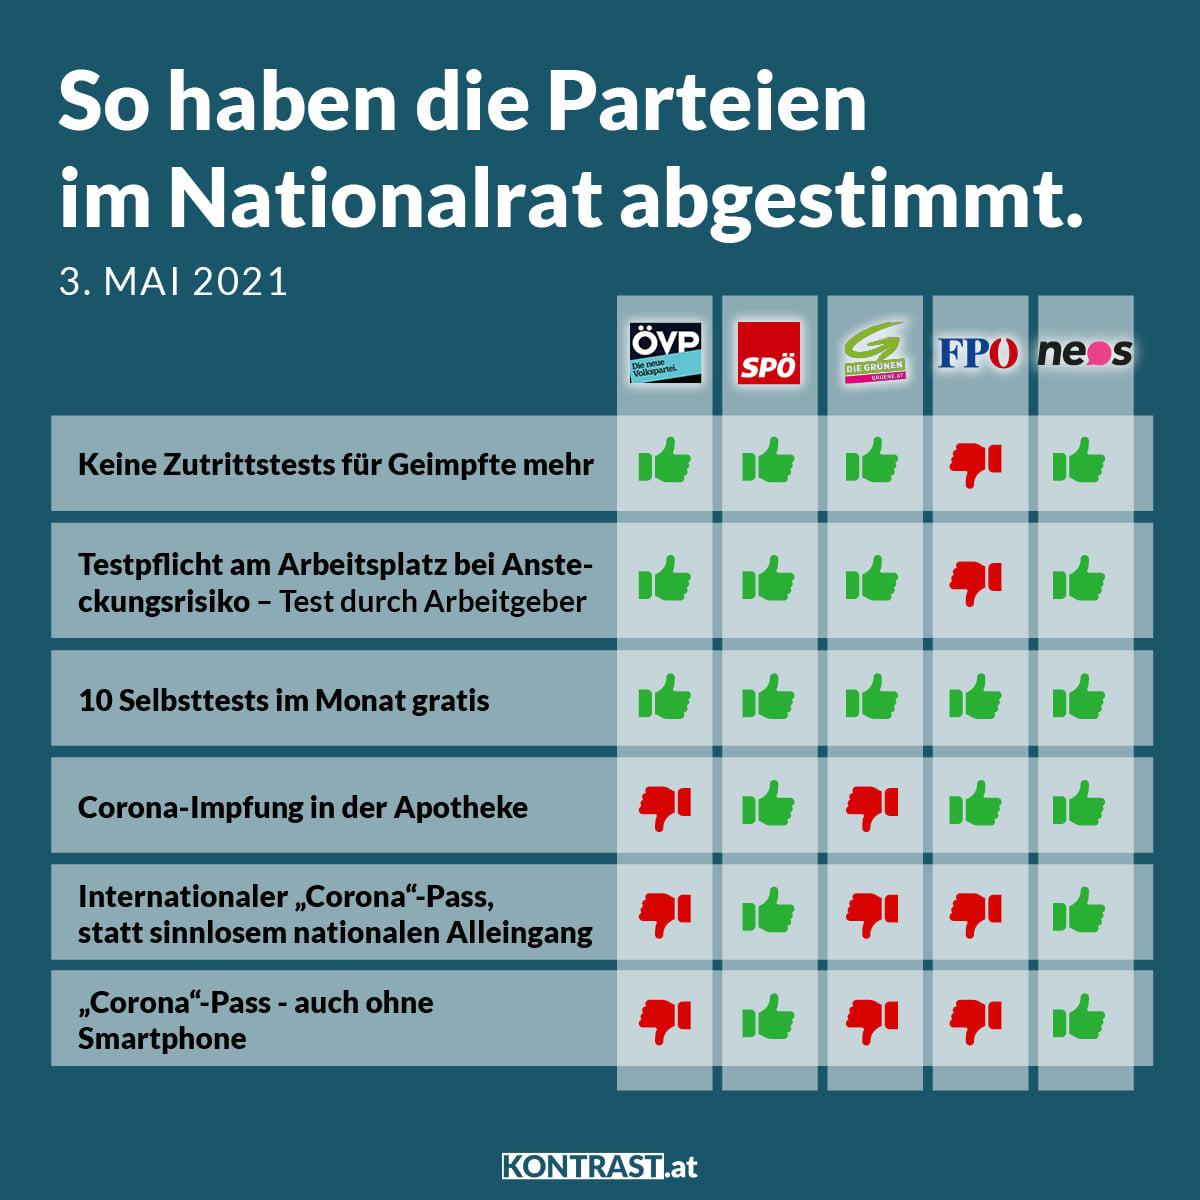 Abstimmungsverhalten im Nationalrat 3. Mai 2021